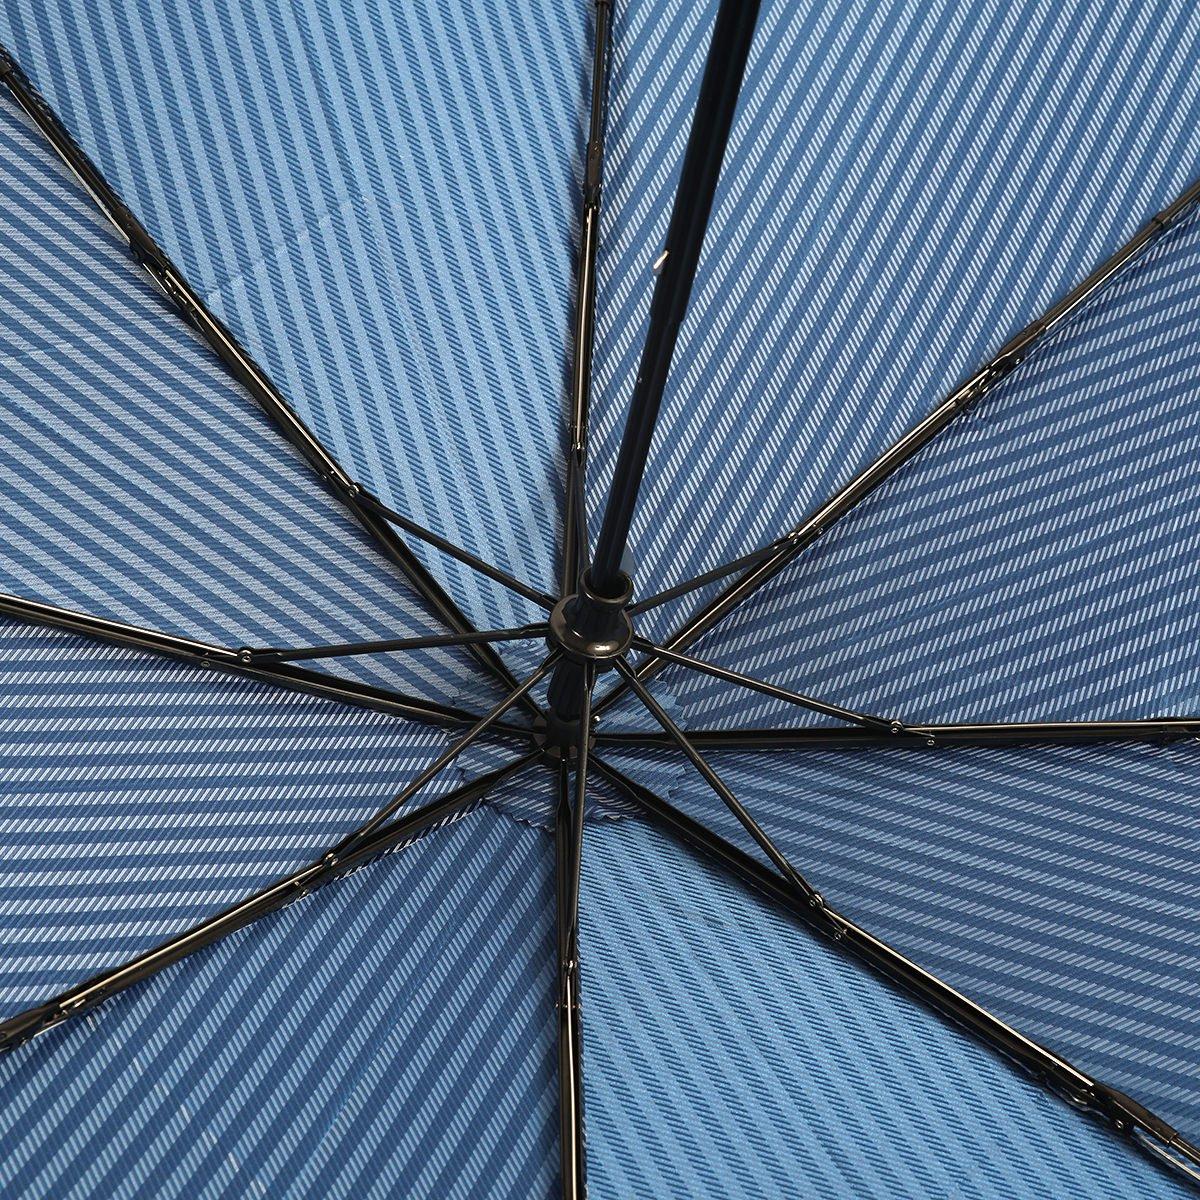 ロンドンストライプ 耐風骨 折りたたみ傘 詳細画像6